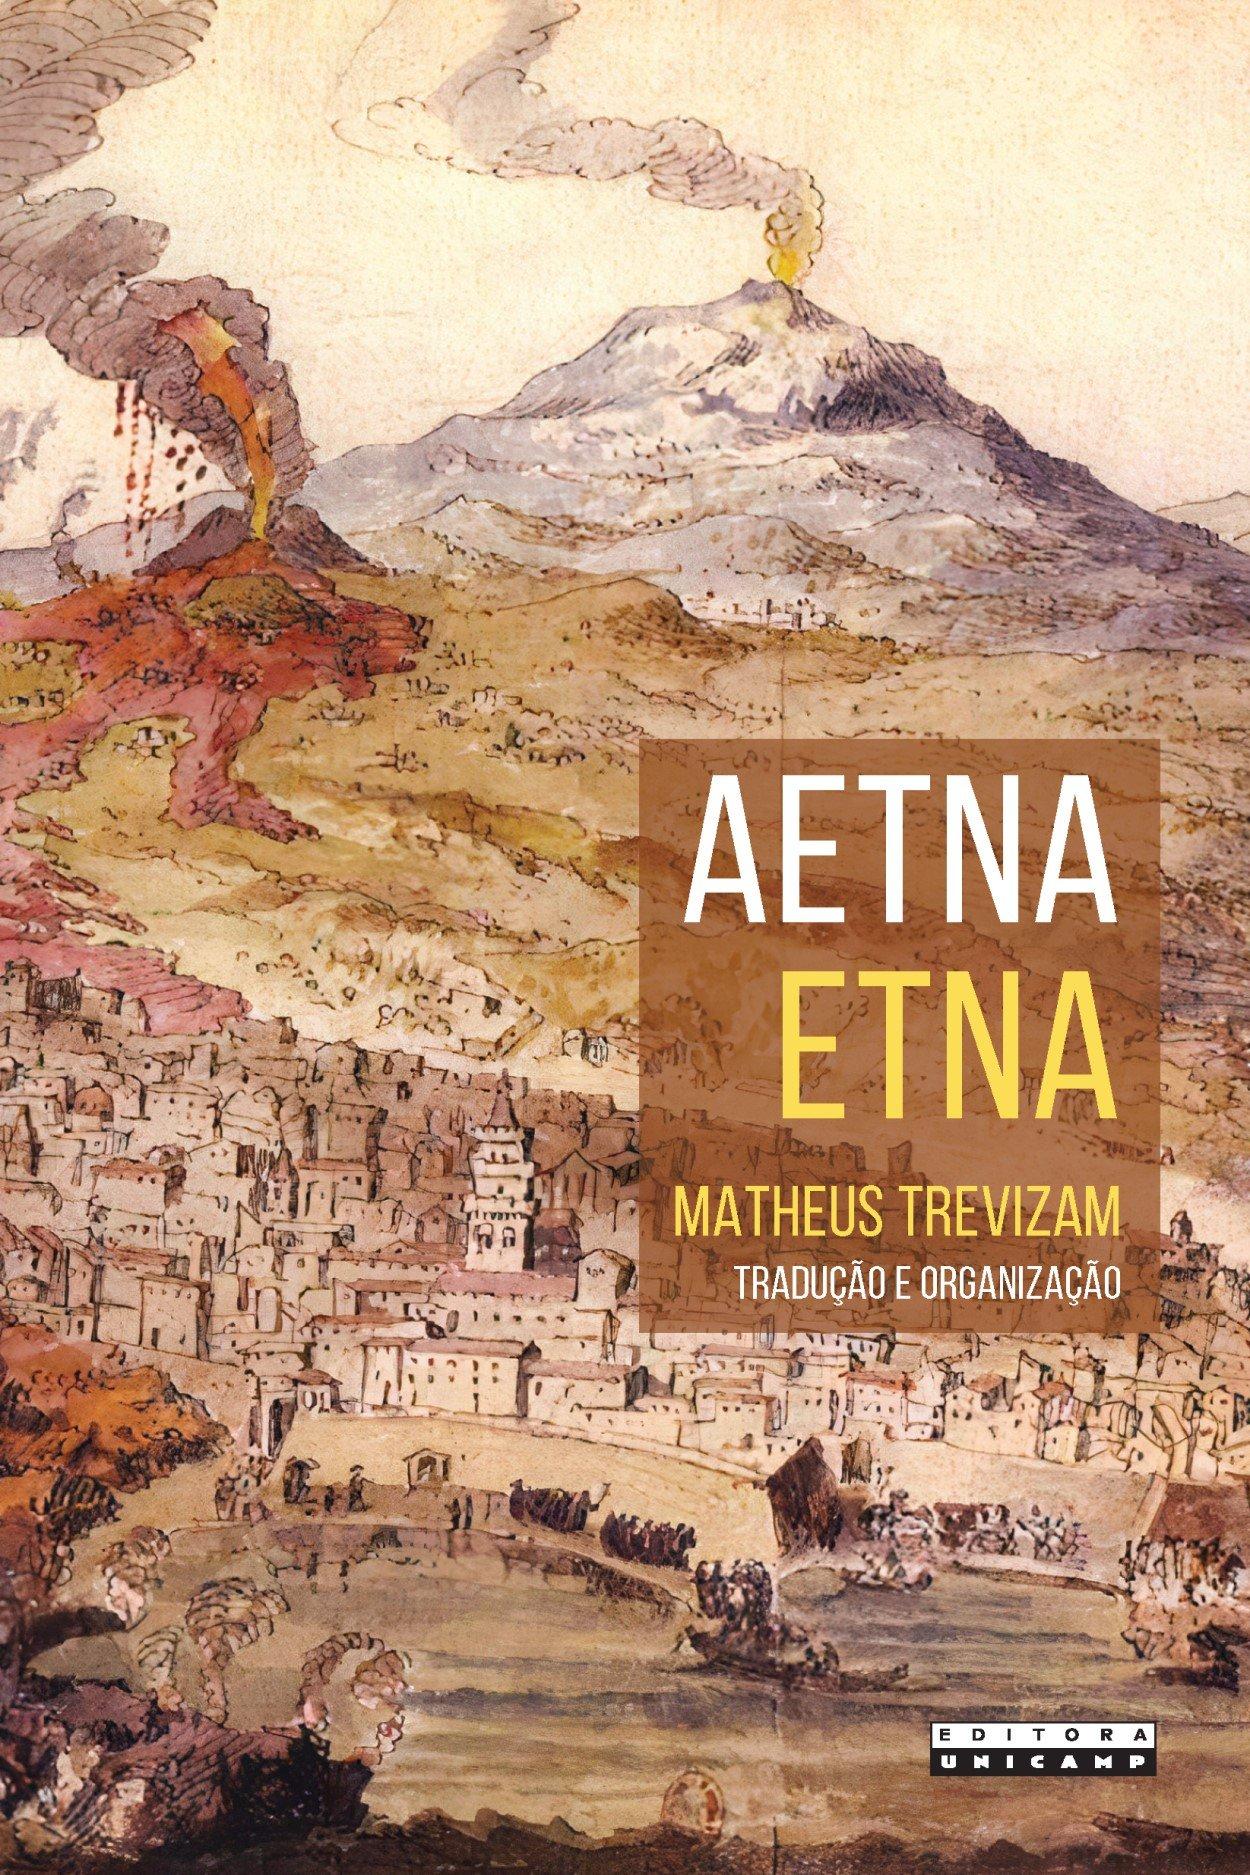 Aetna / Etna, livro de Matheus Trevizam